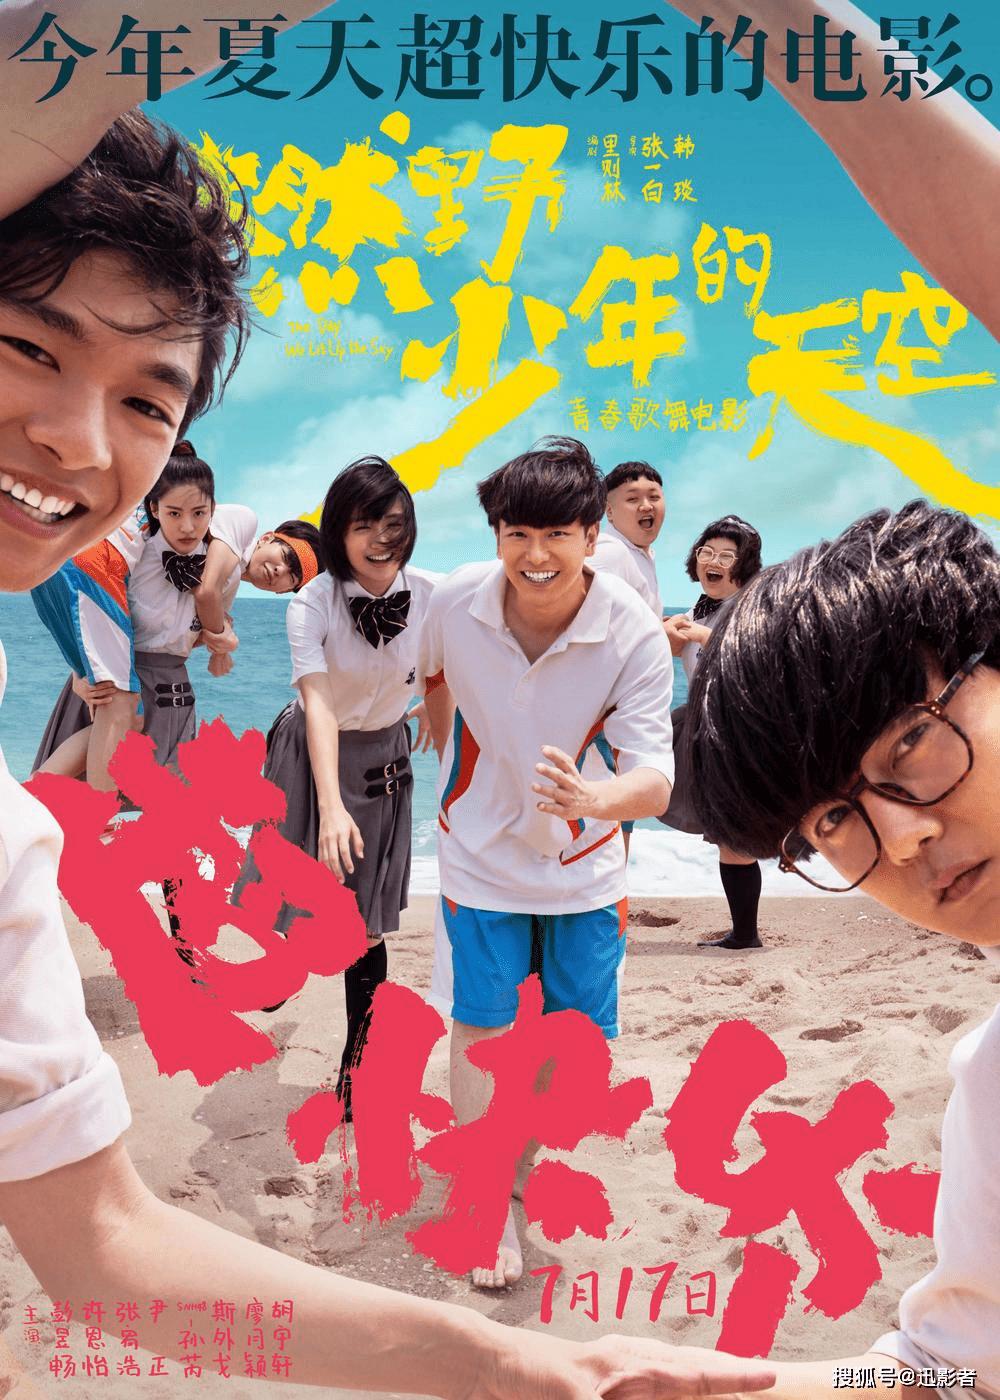 青春歌舞片《燃野少年的天空》首映,近百位艺人助宣催泪且震撼